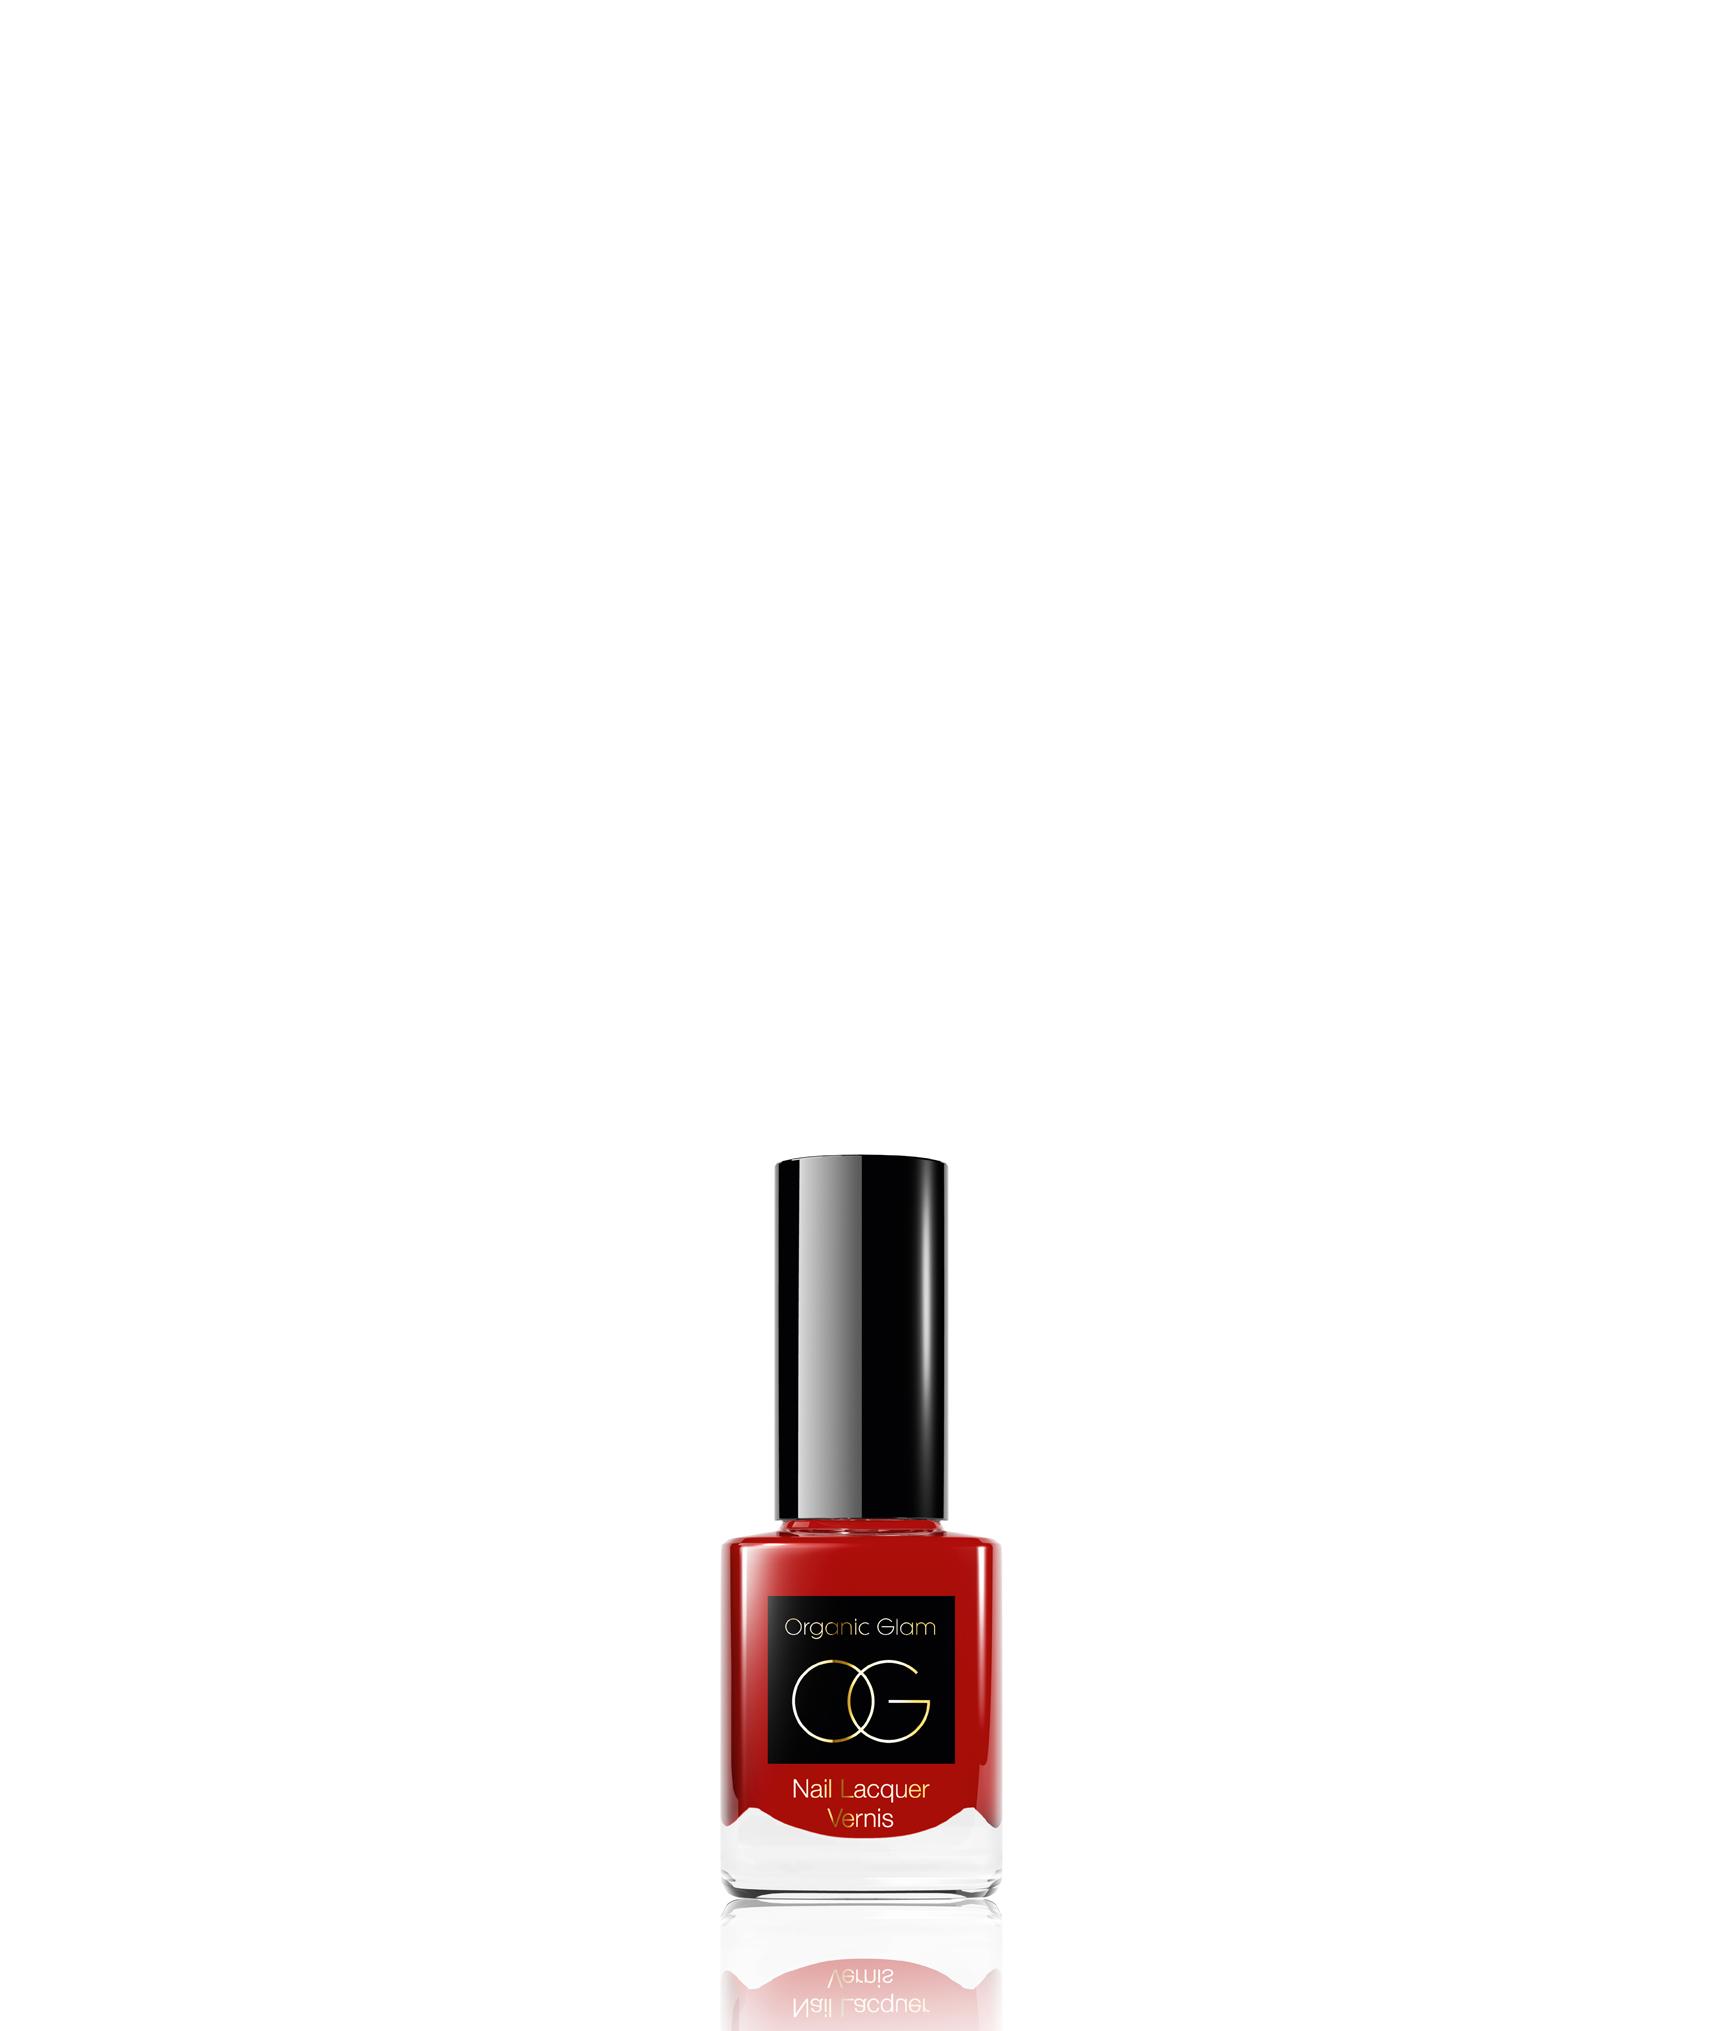 organic glam red nagellack glore